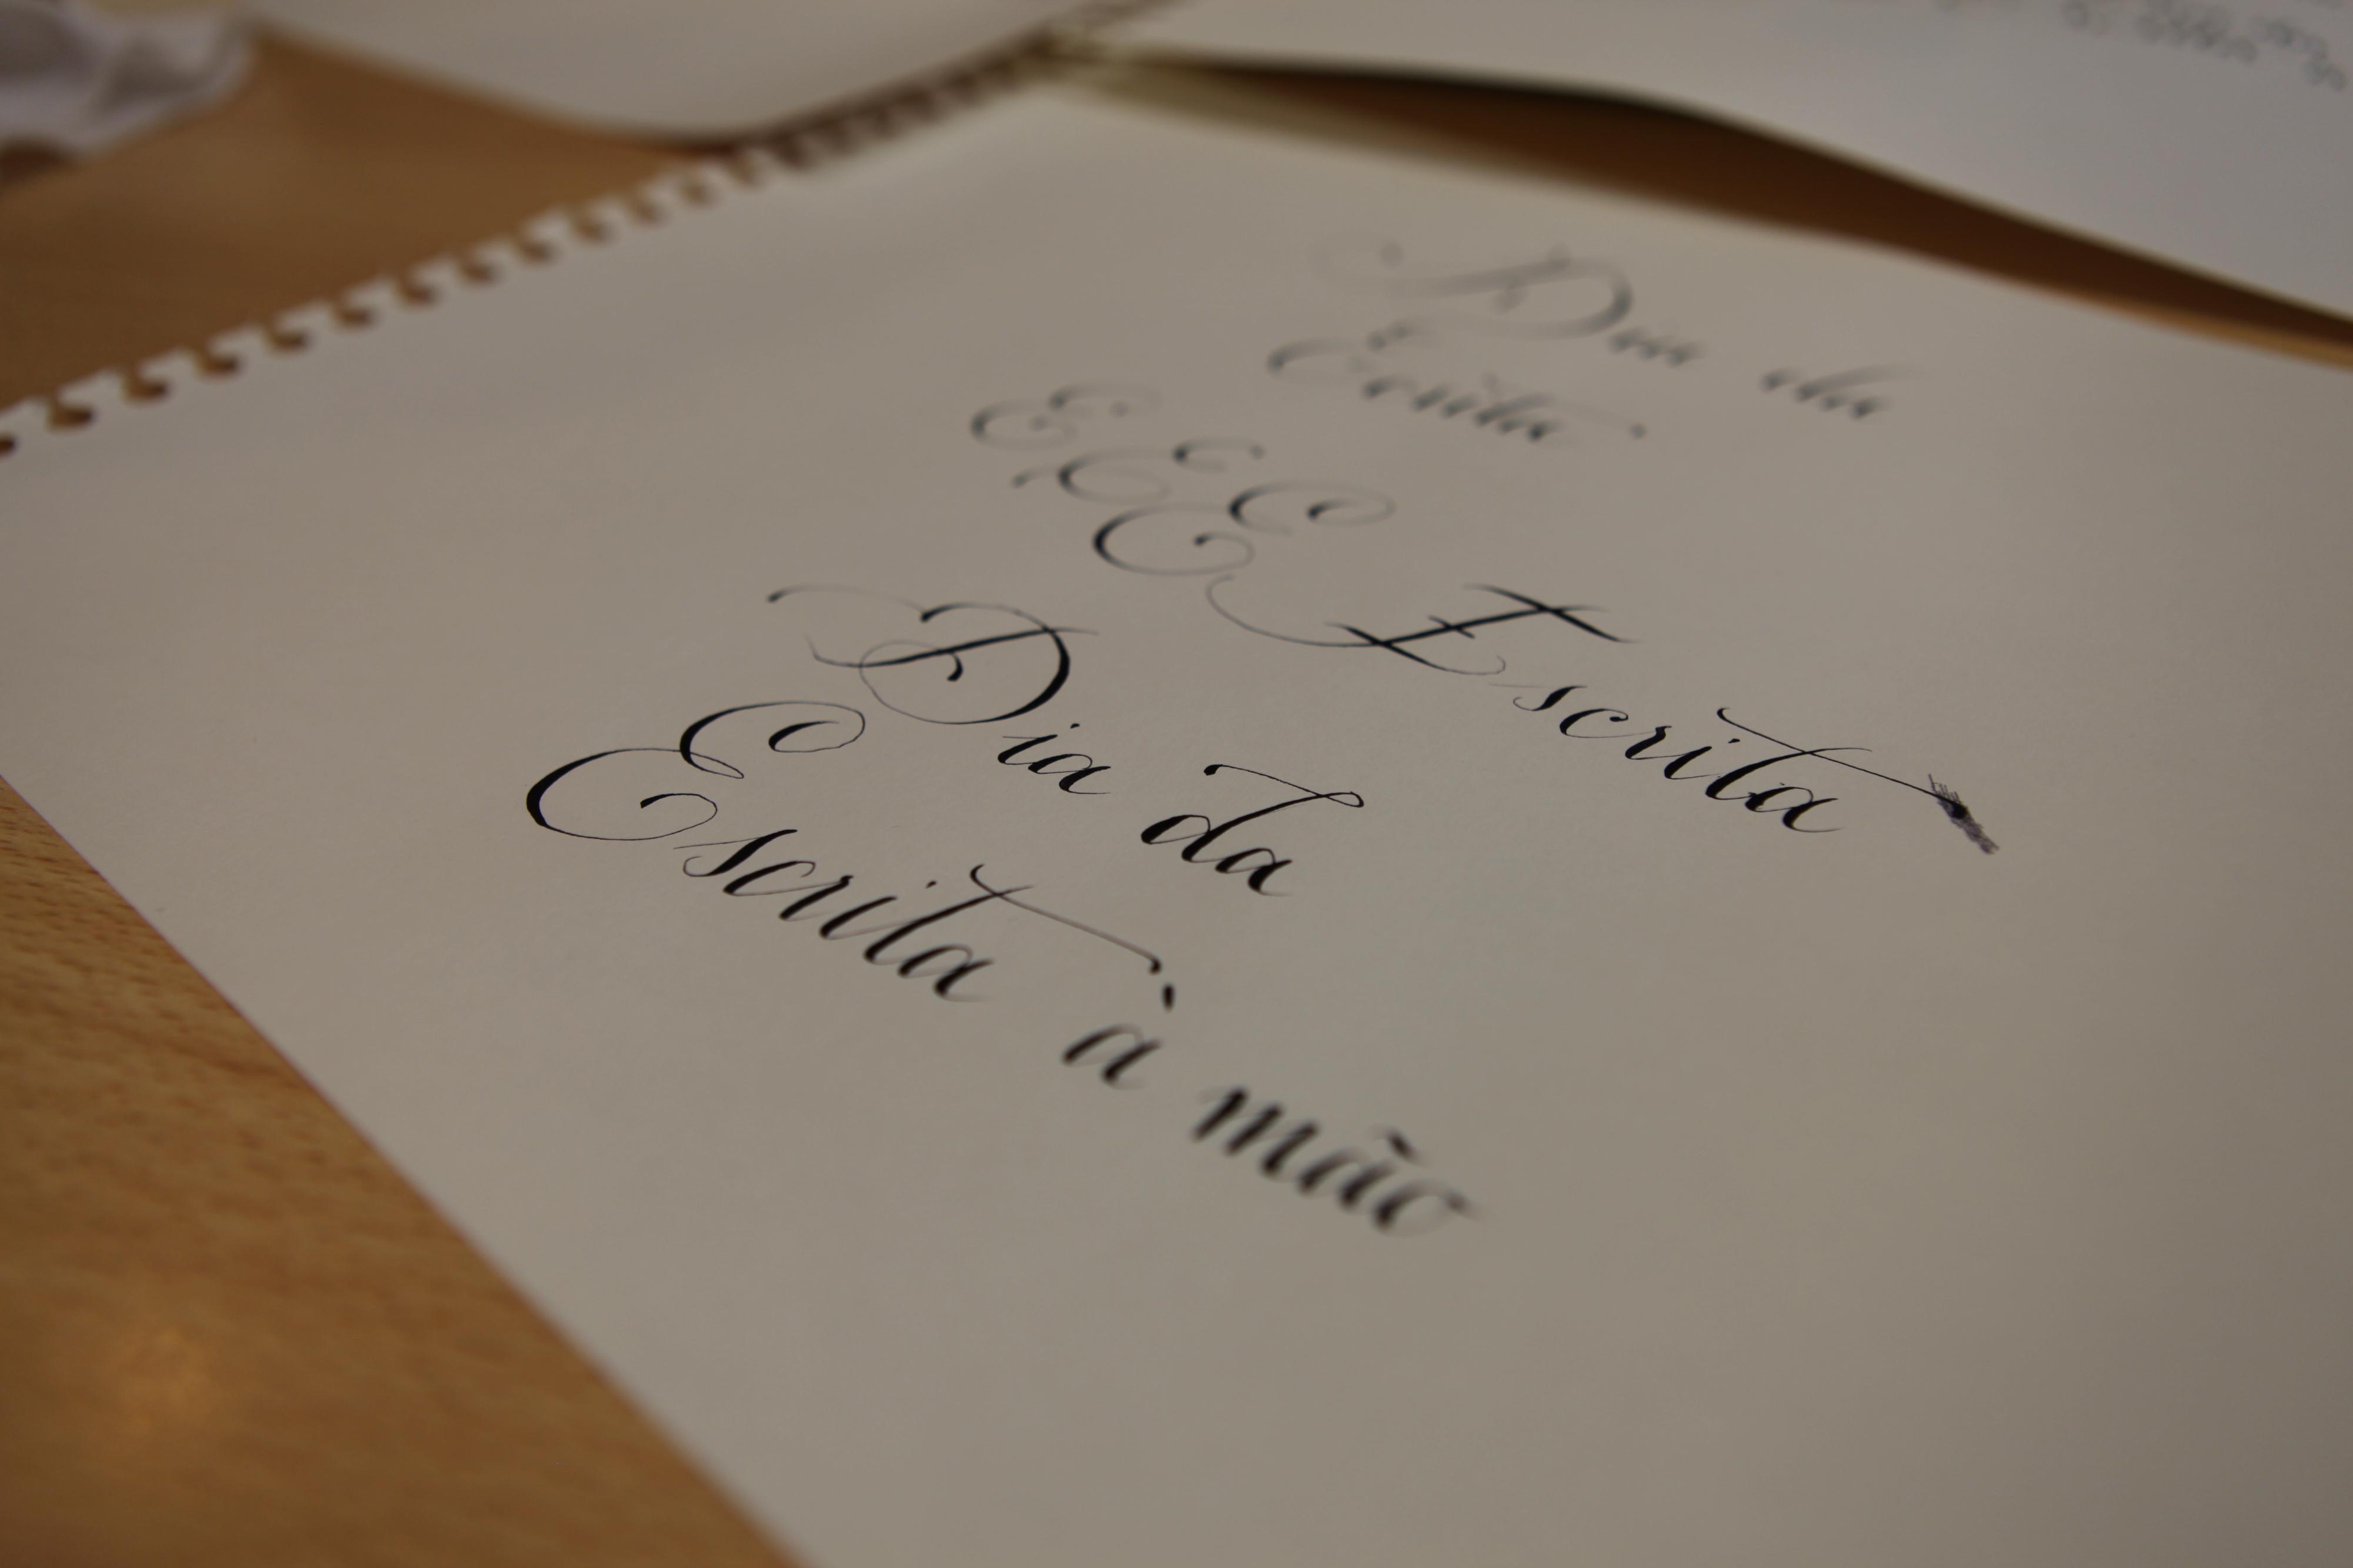 Hoje é dia de pegar no papel e na caneta e escrever a alguém